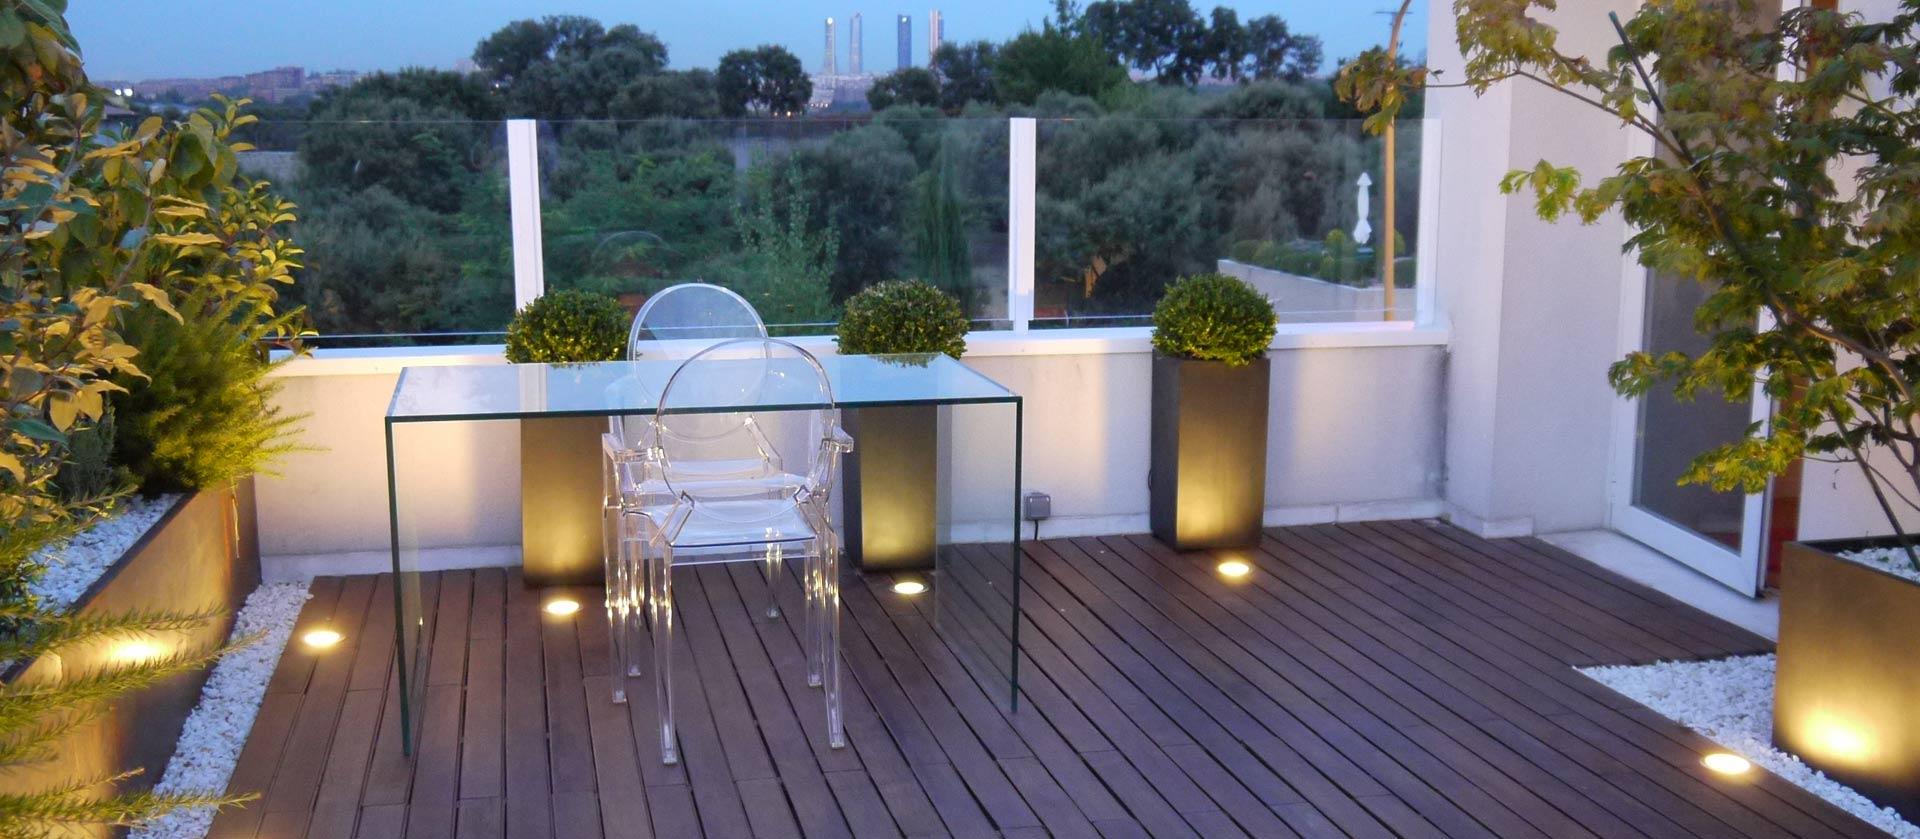 Paisajismo pia el mejor dise o de ticos y terrazas - Construir habitacion en terraza de atico ...